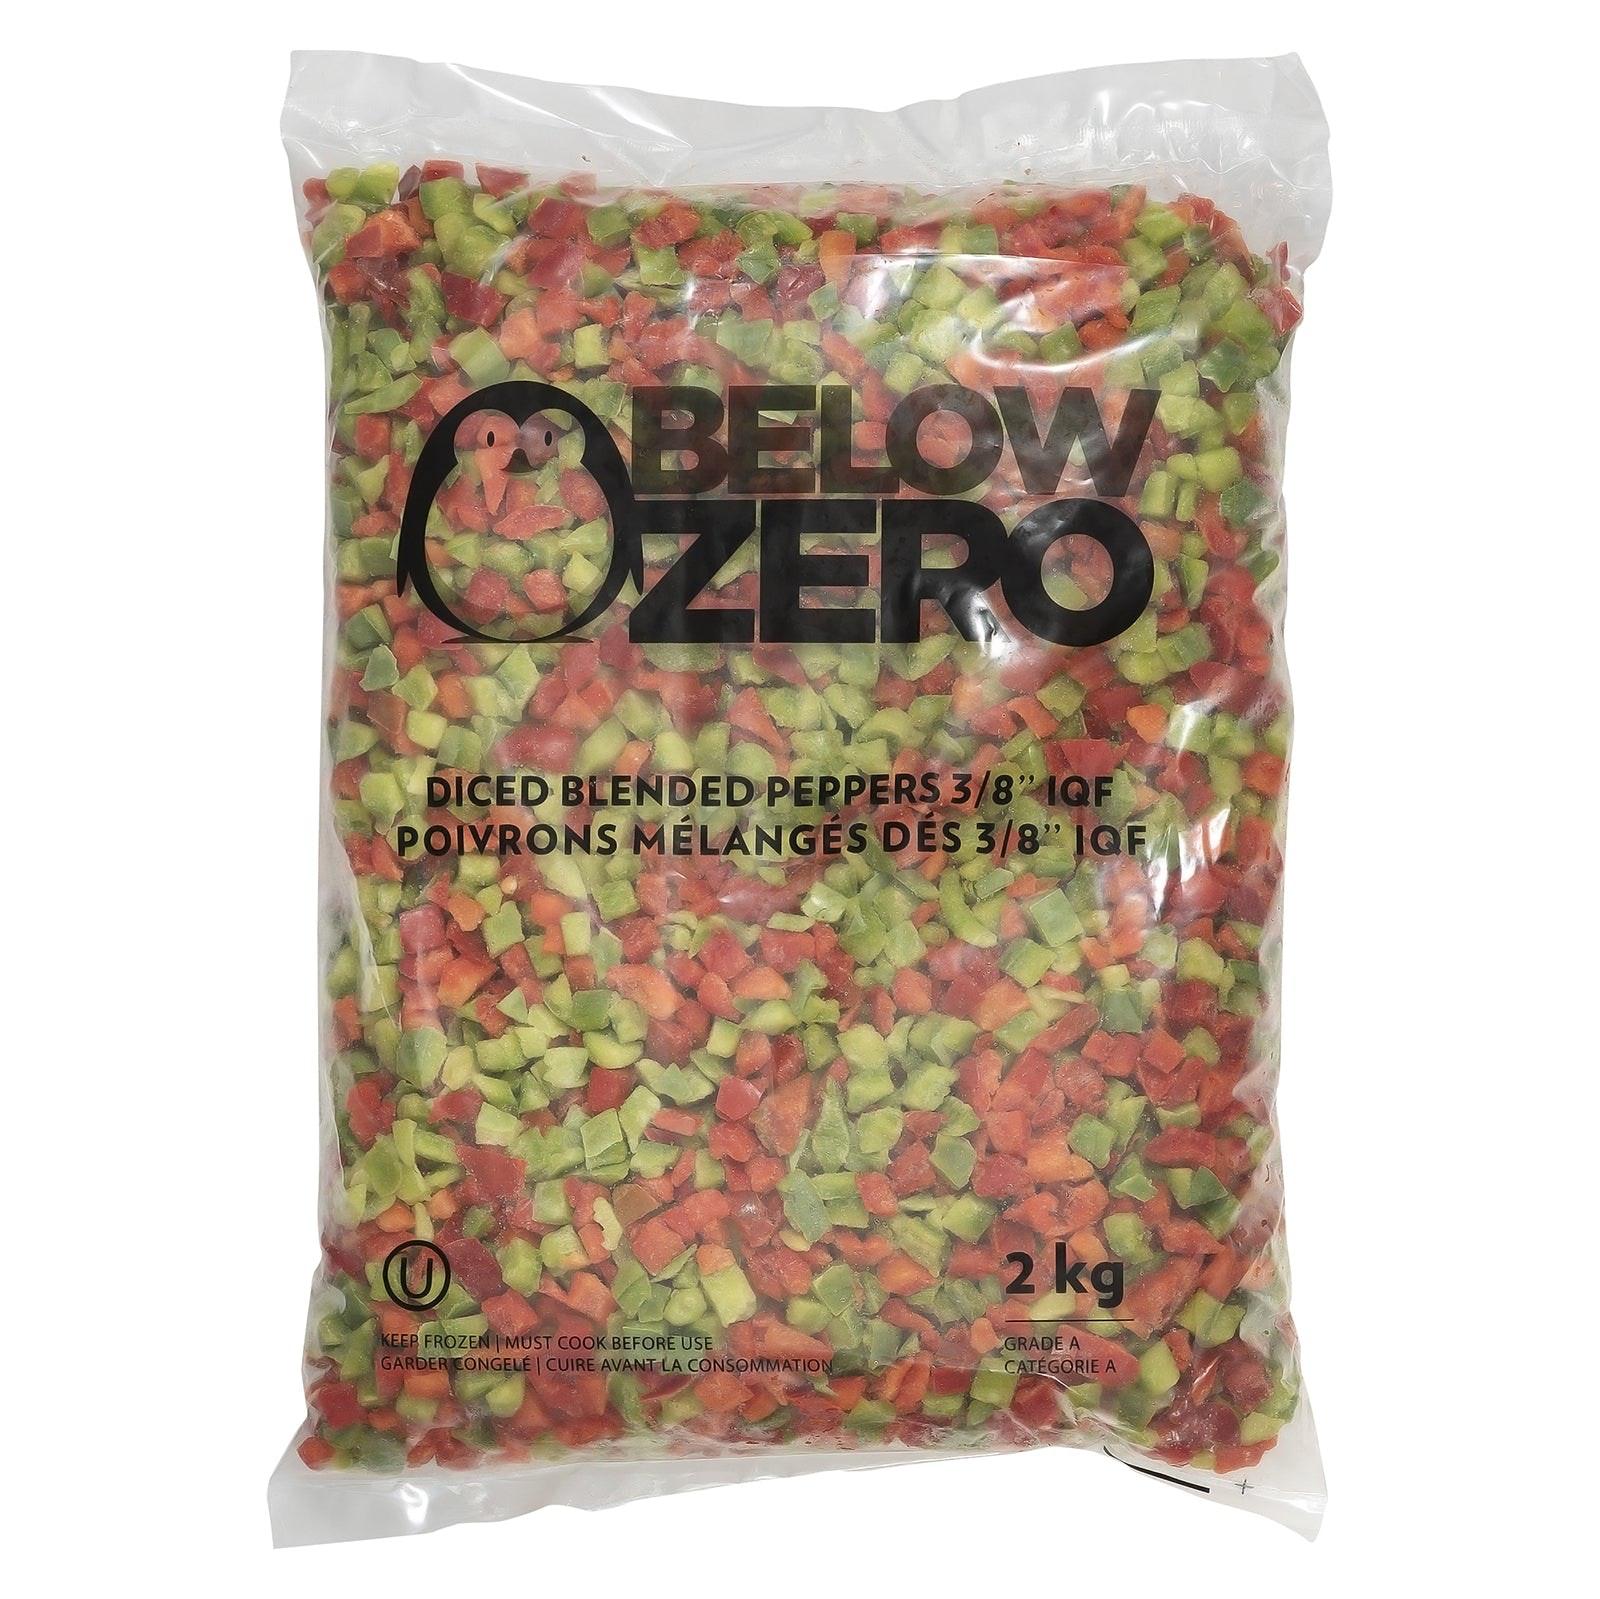 BELOW ZERO Diced mixed peppers